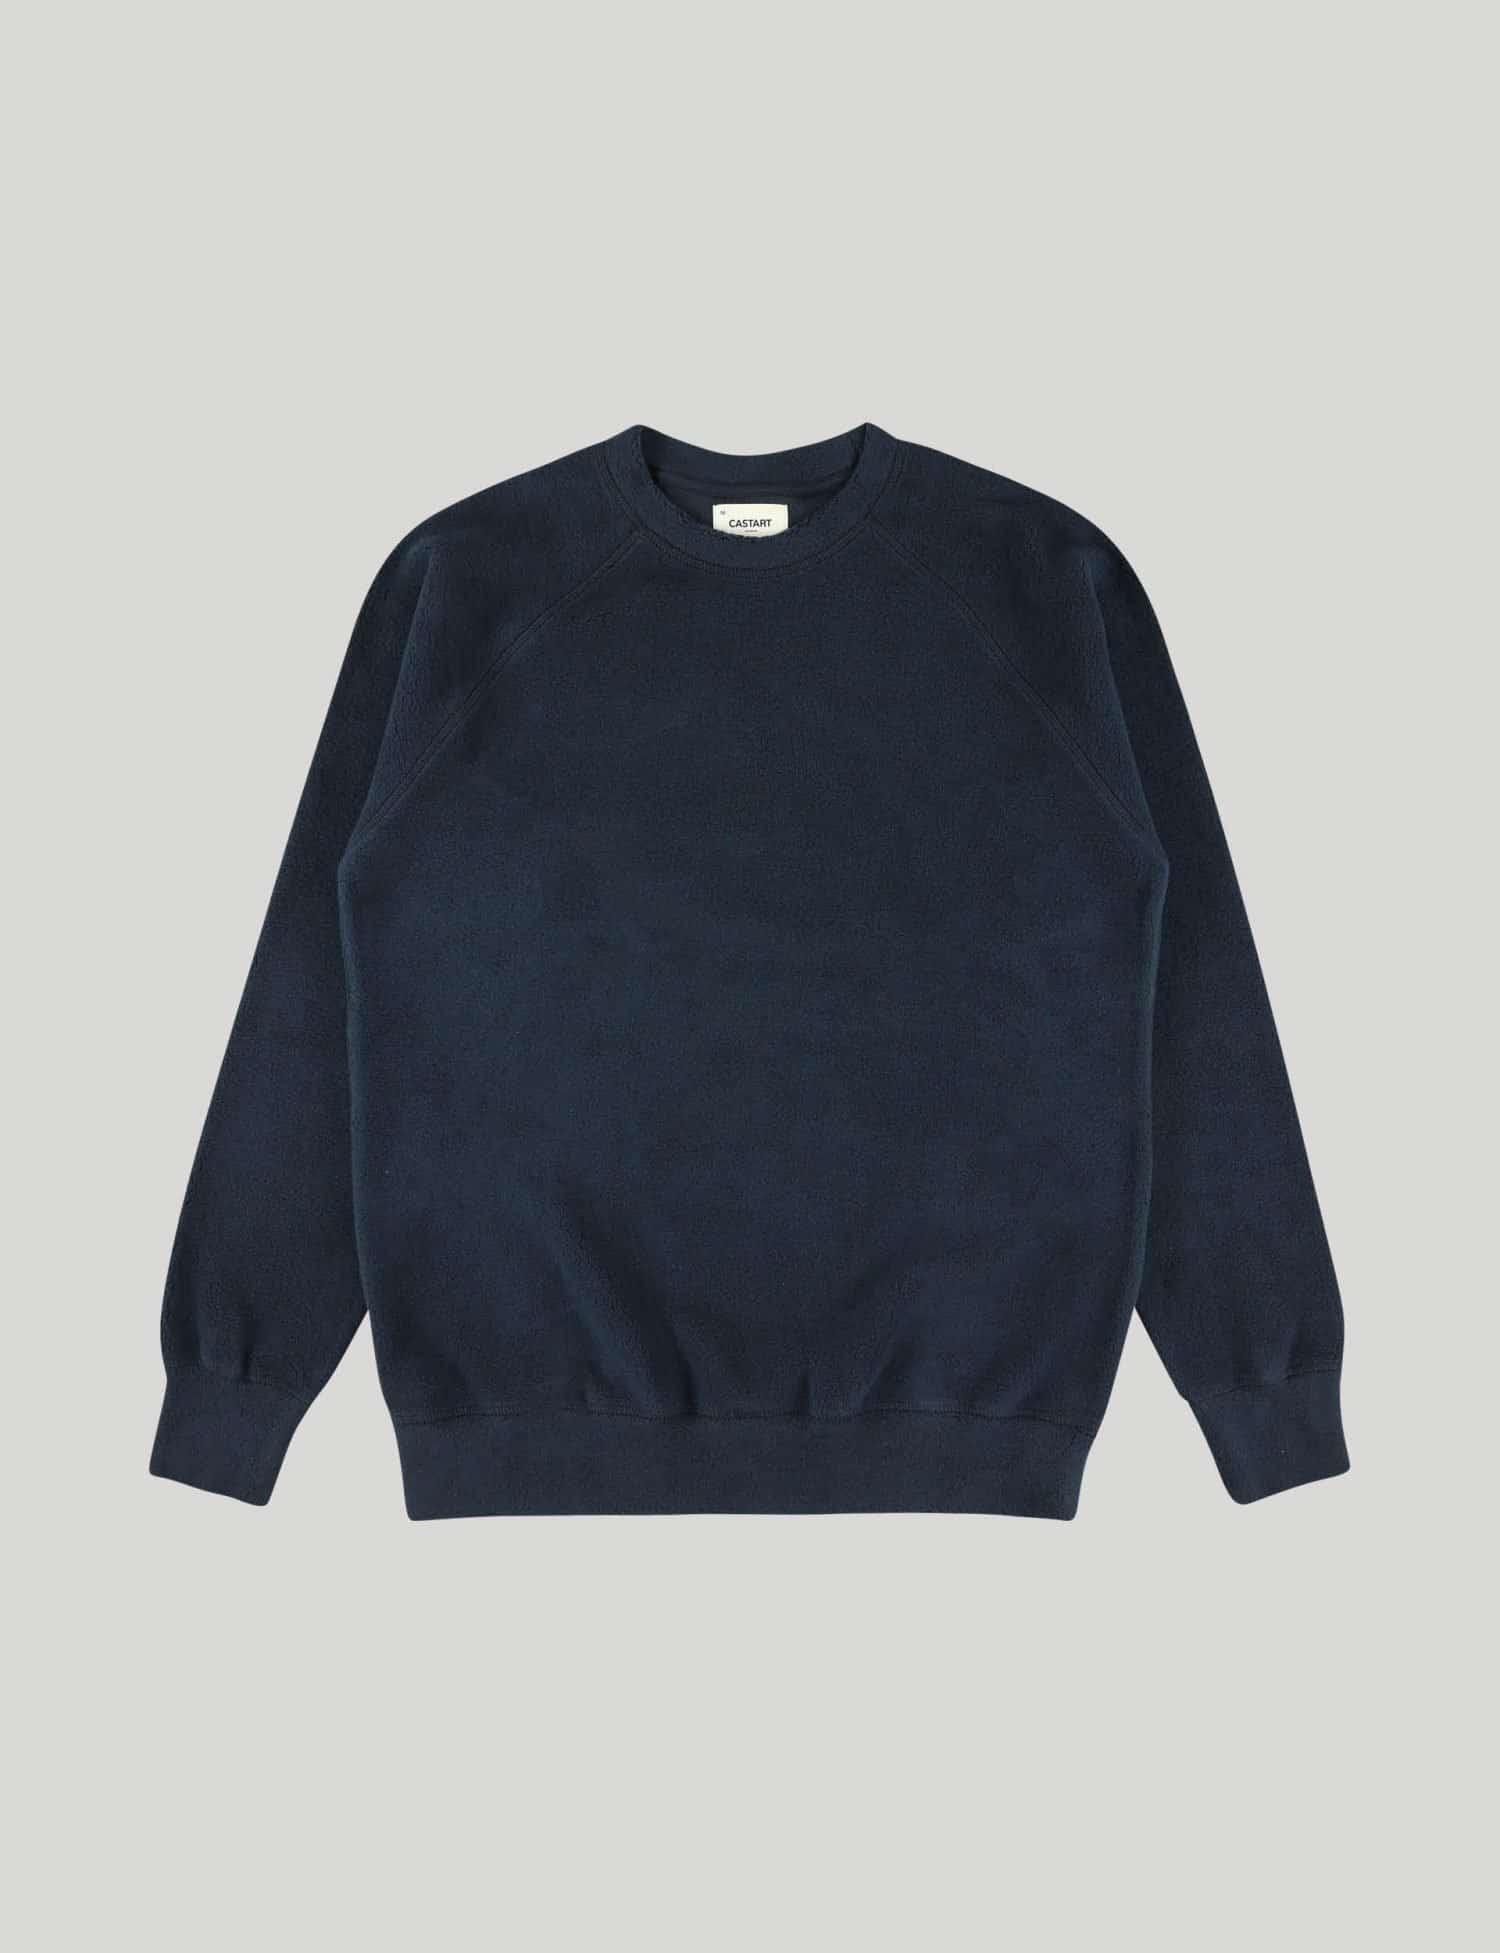 Castart - Maitake Sweater - Navy